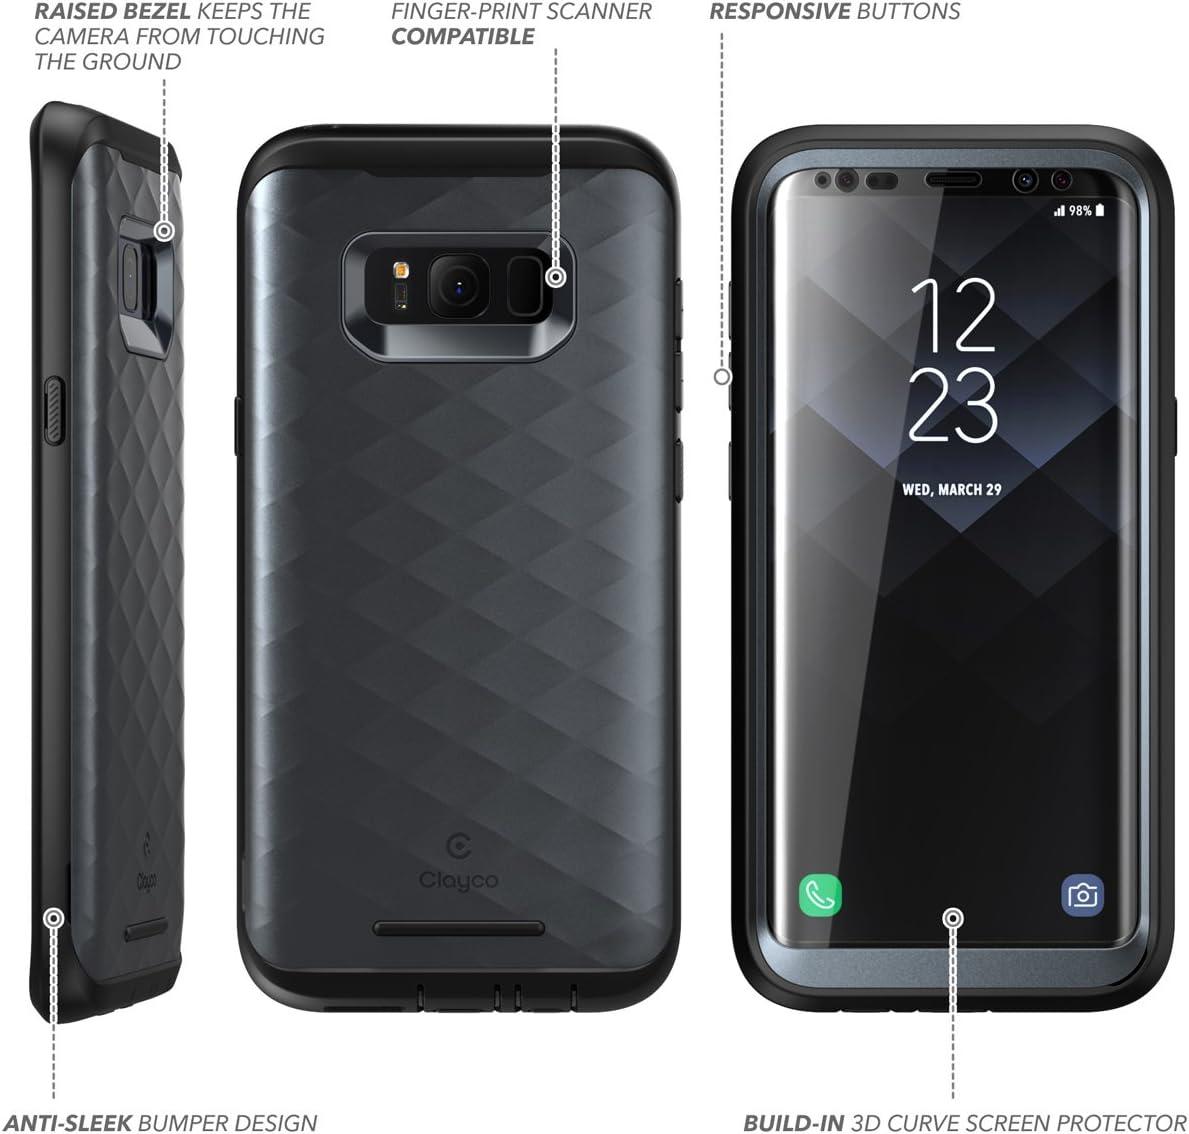 /Étui robuste ajust/é avec protecteur d/écran pour Samsung Galaxy S8+ Plus S/érie Hera /Étui pour Galaxy S8+ Plus Clayco Or /Édition 2017